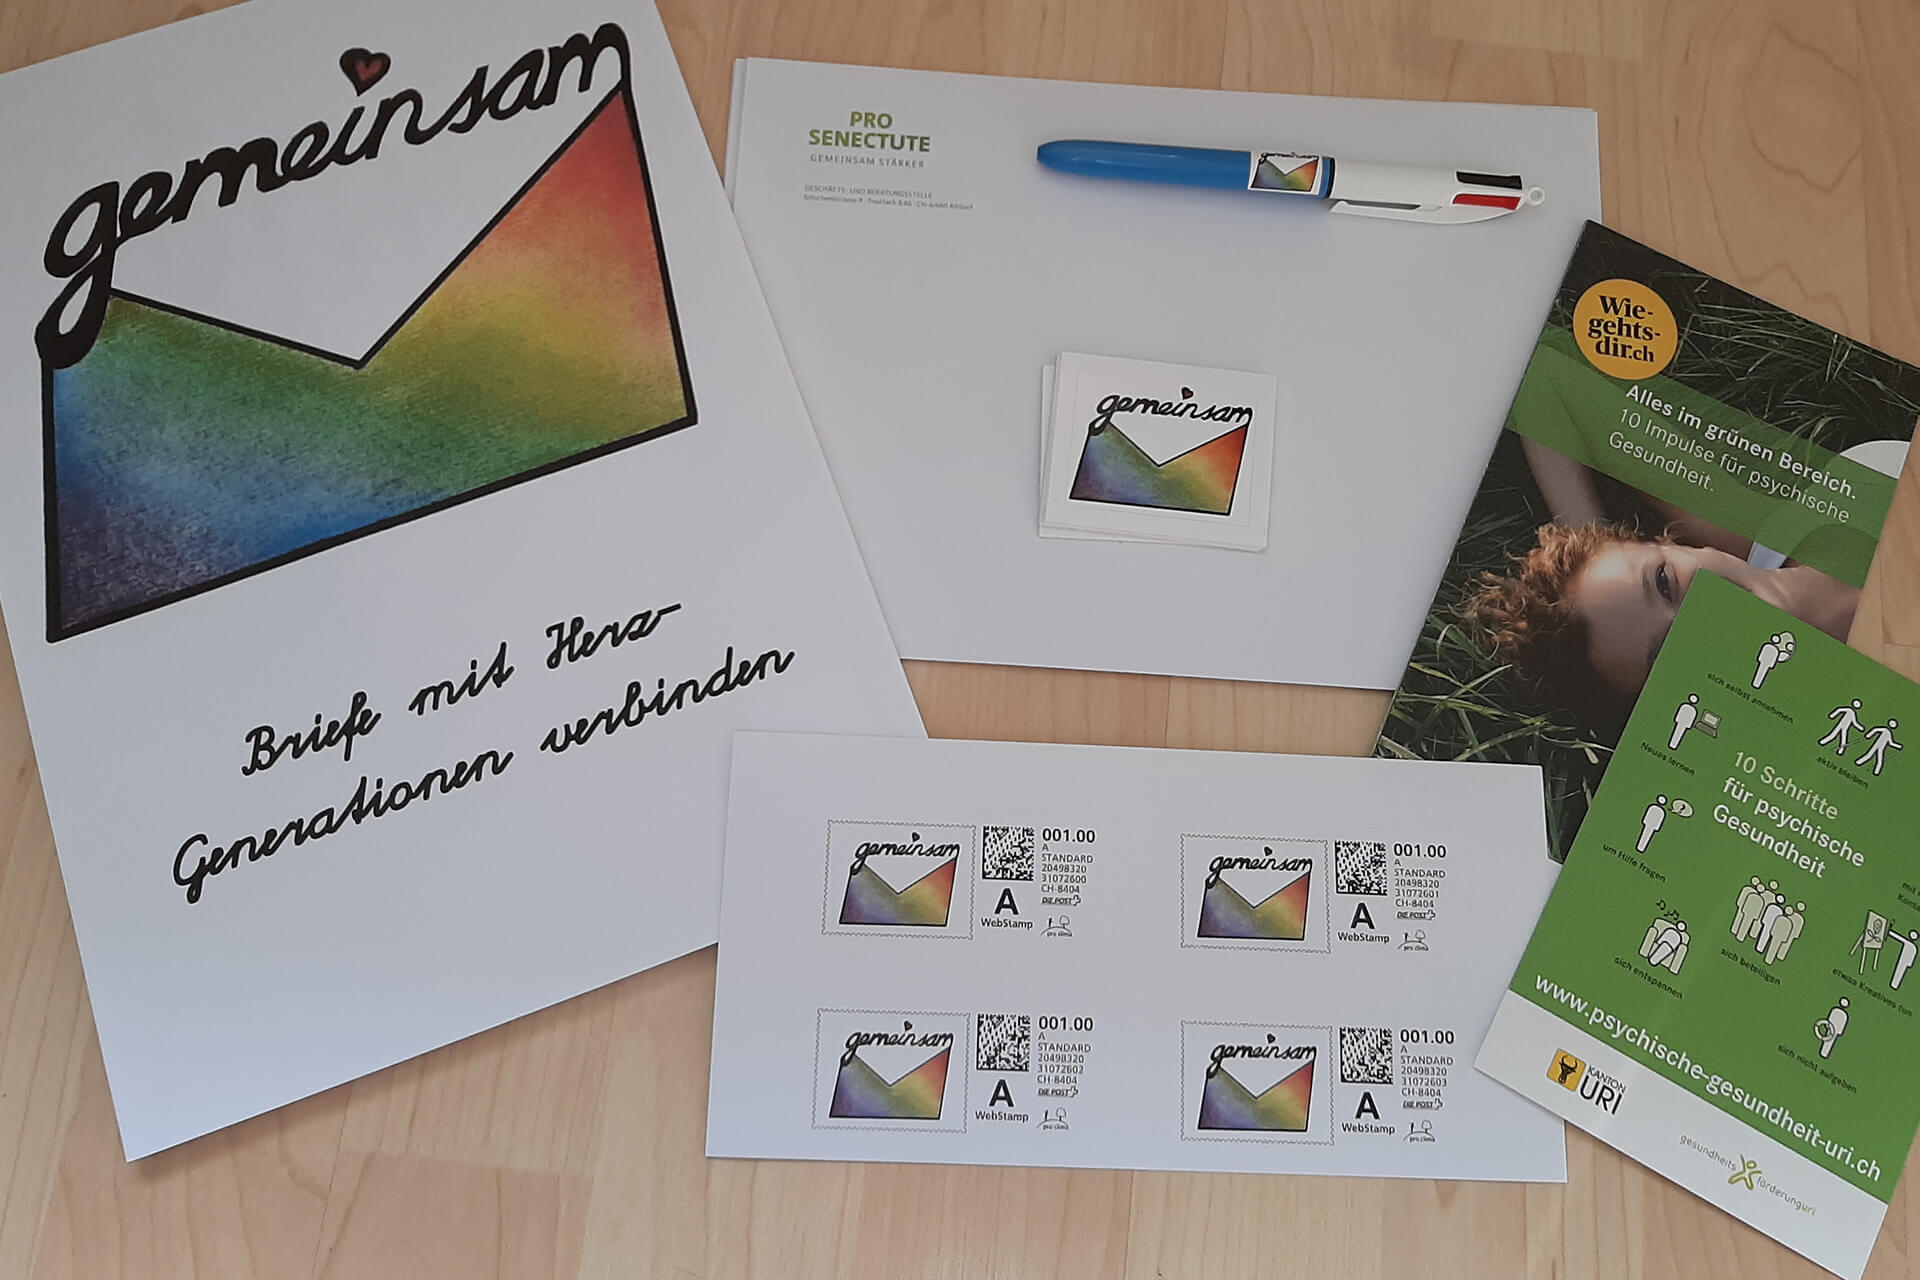 Briefpapier, Briefmarken, Stift, Umschläge: Dieses Material hat jedes Mitglied von Projekt Gemeinsam erhalten.